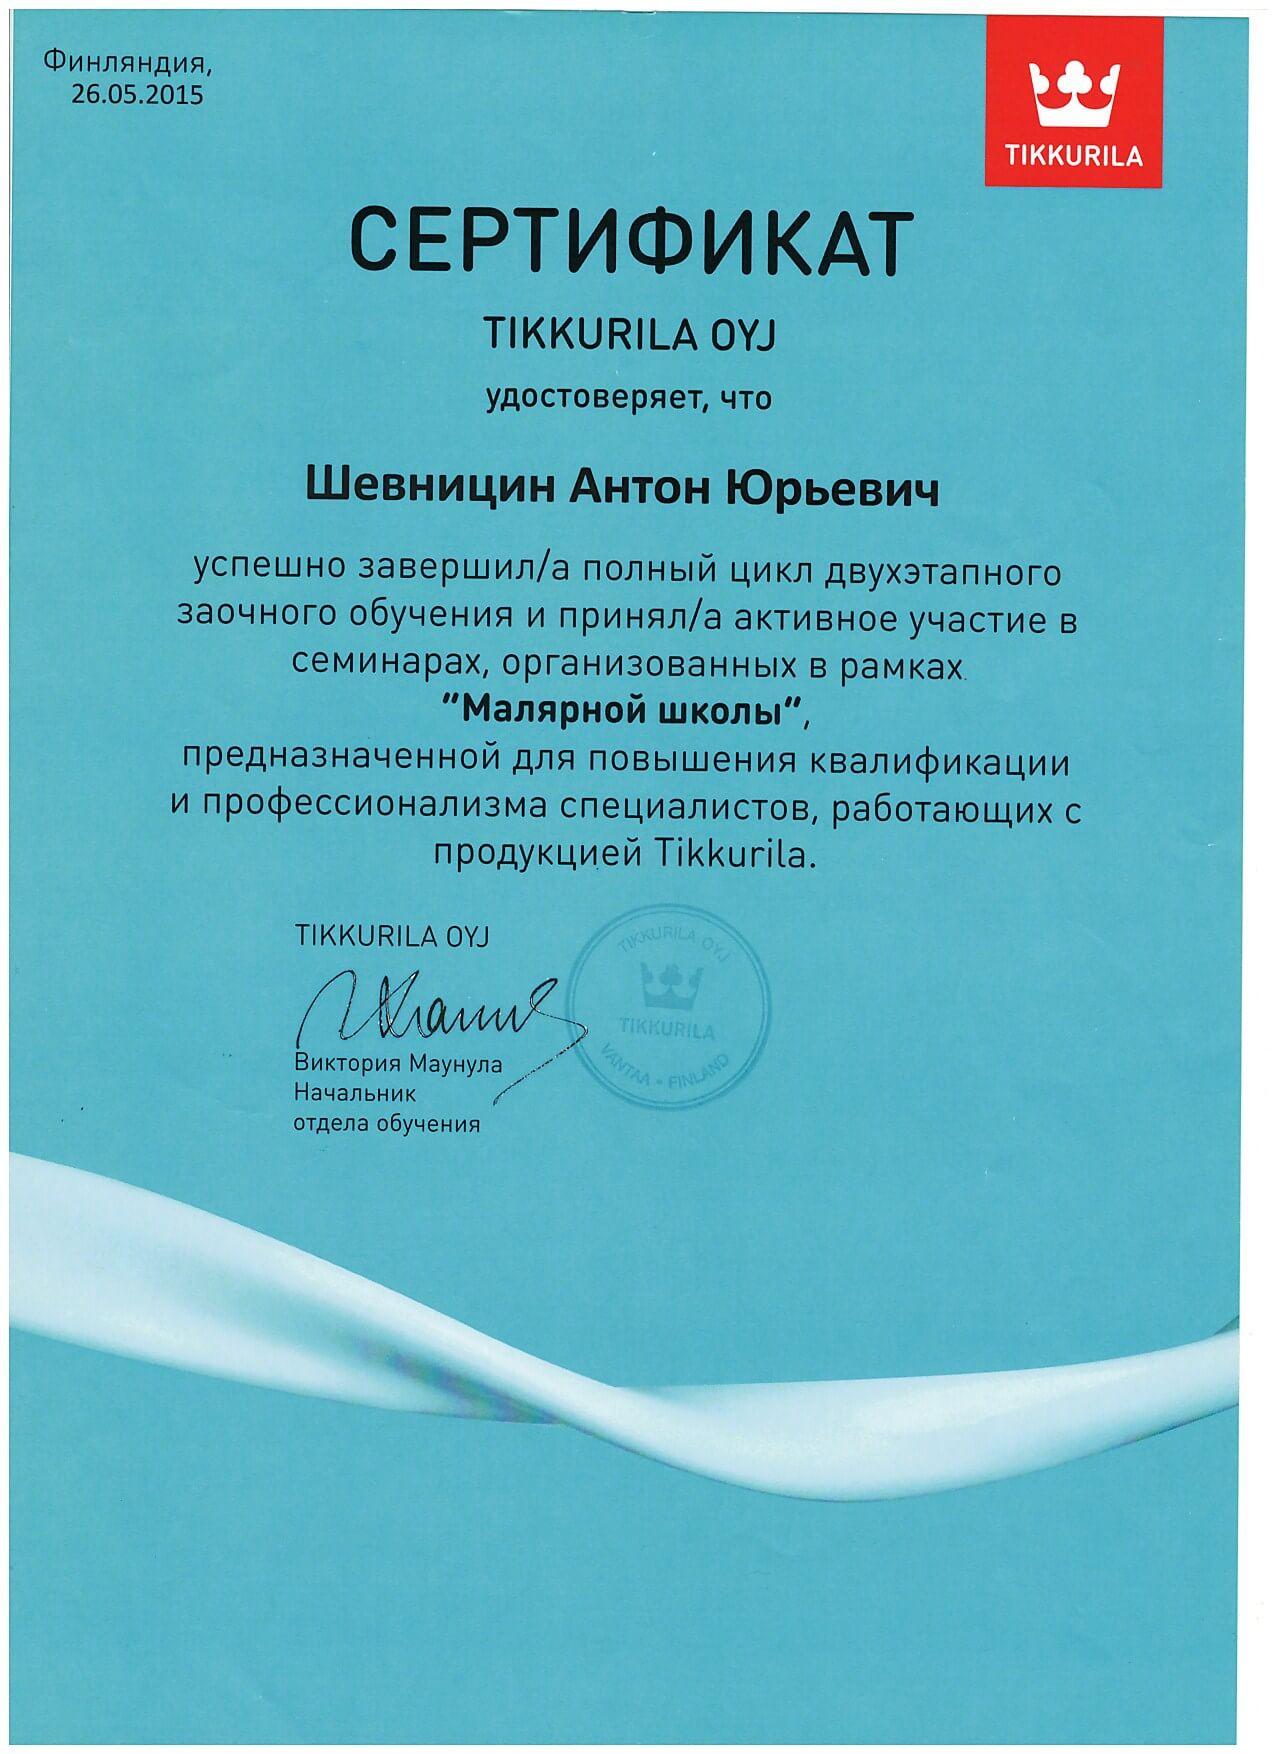 """Сертификат """"Малярная школа TIKKURILA"""""""